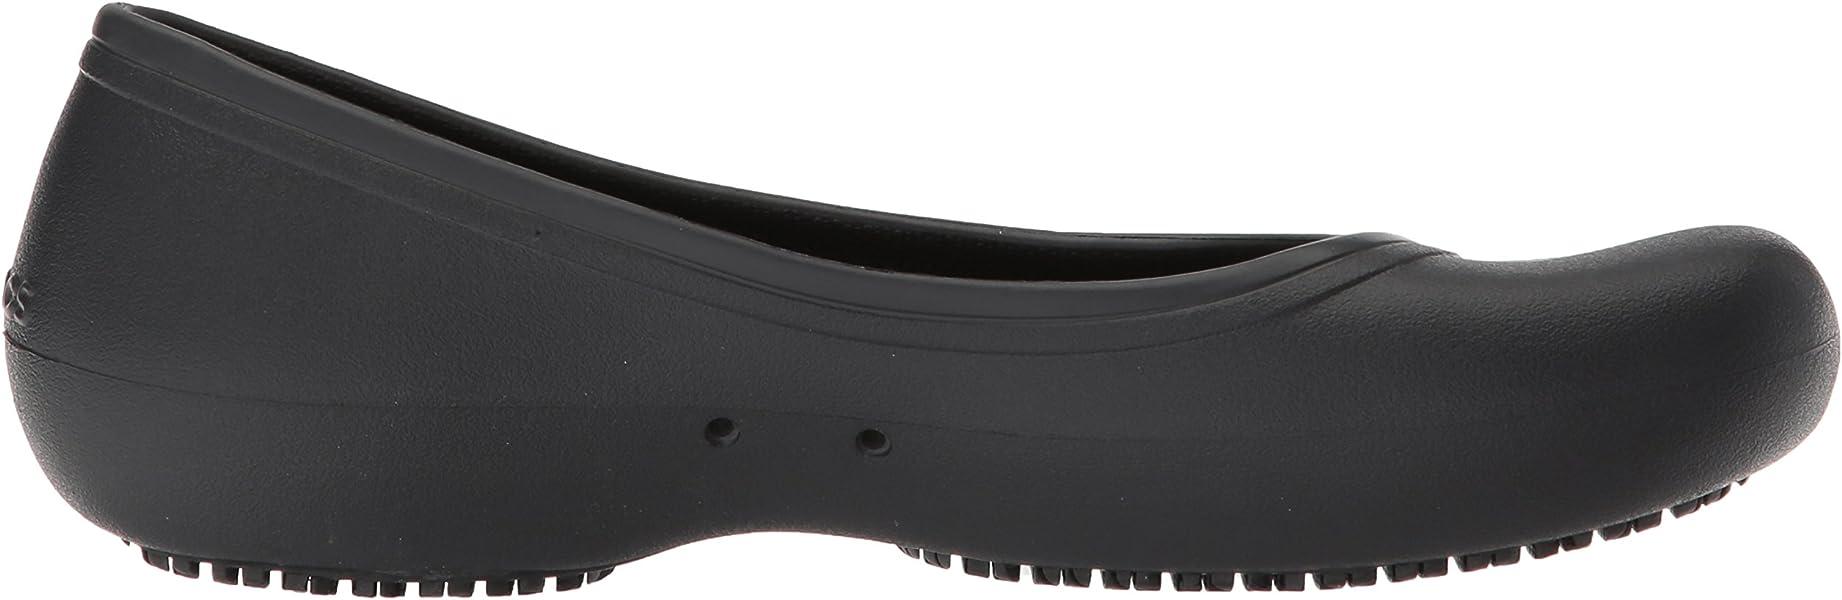 cbeea4f0c91 Crocs At Work Flat Damen Ballerinas, Schwarz (Black), 36/37 EU36/37 ...